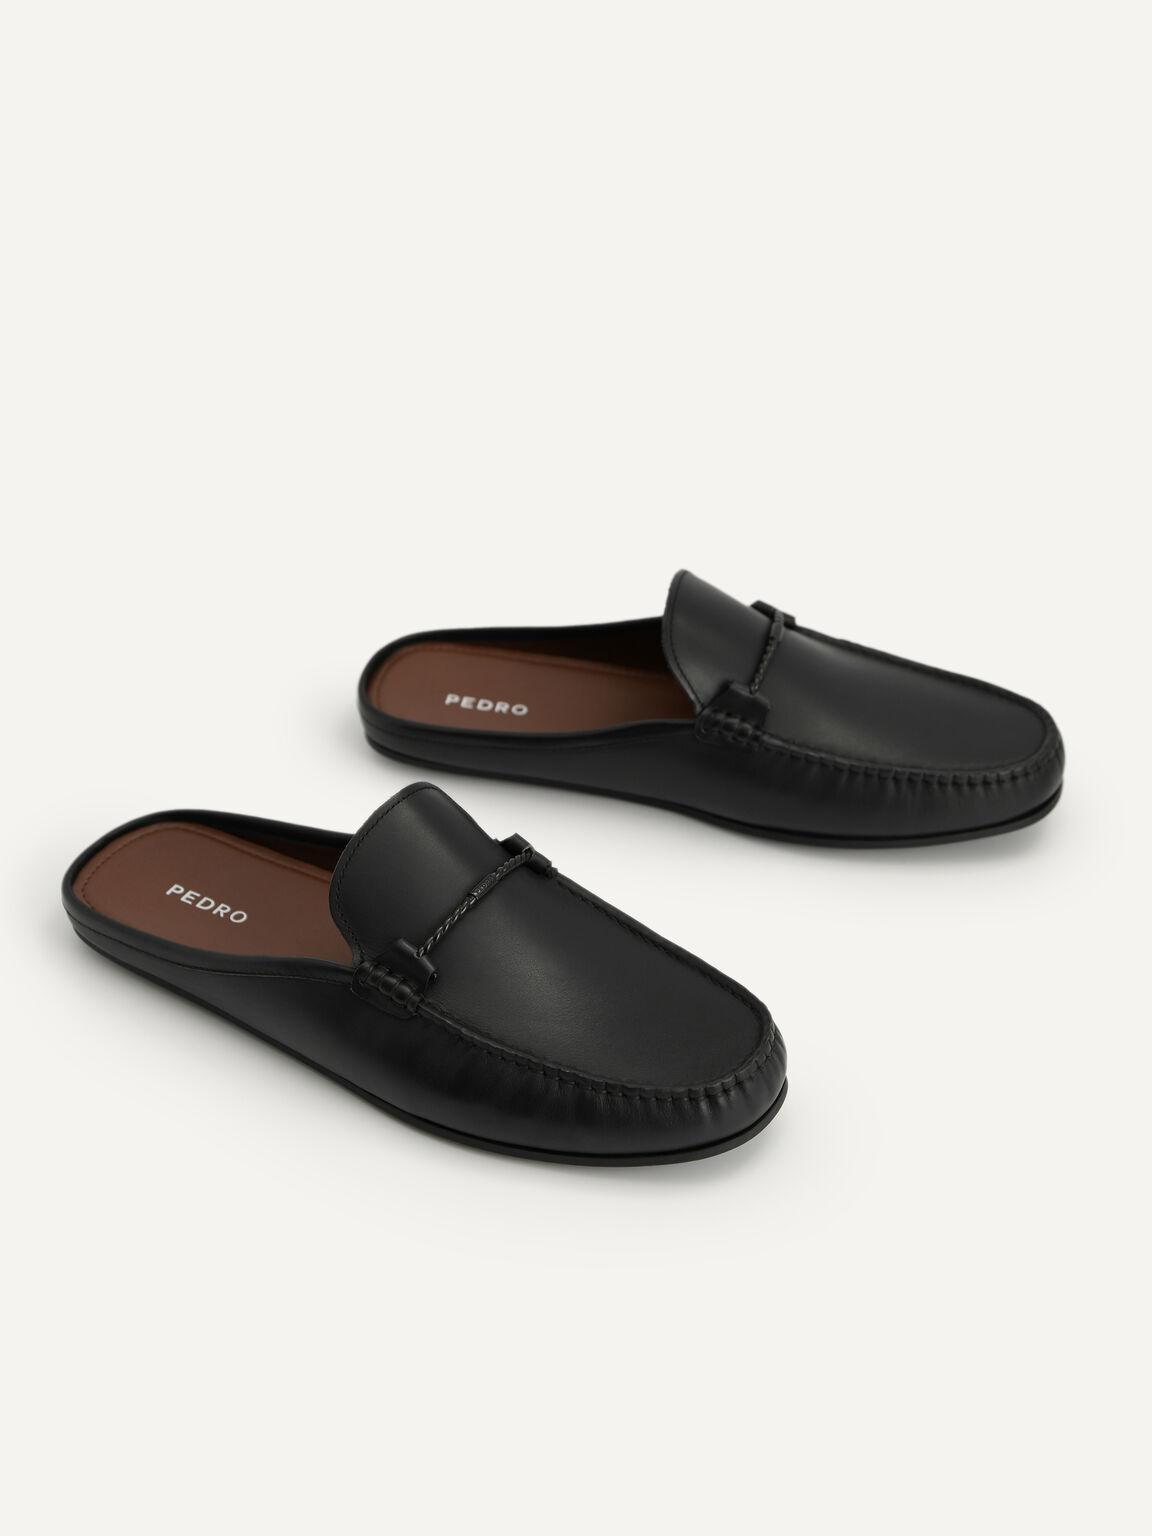 Leather Slip-On Loafers, Black, hi-res